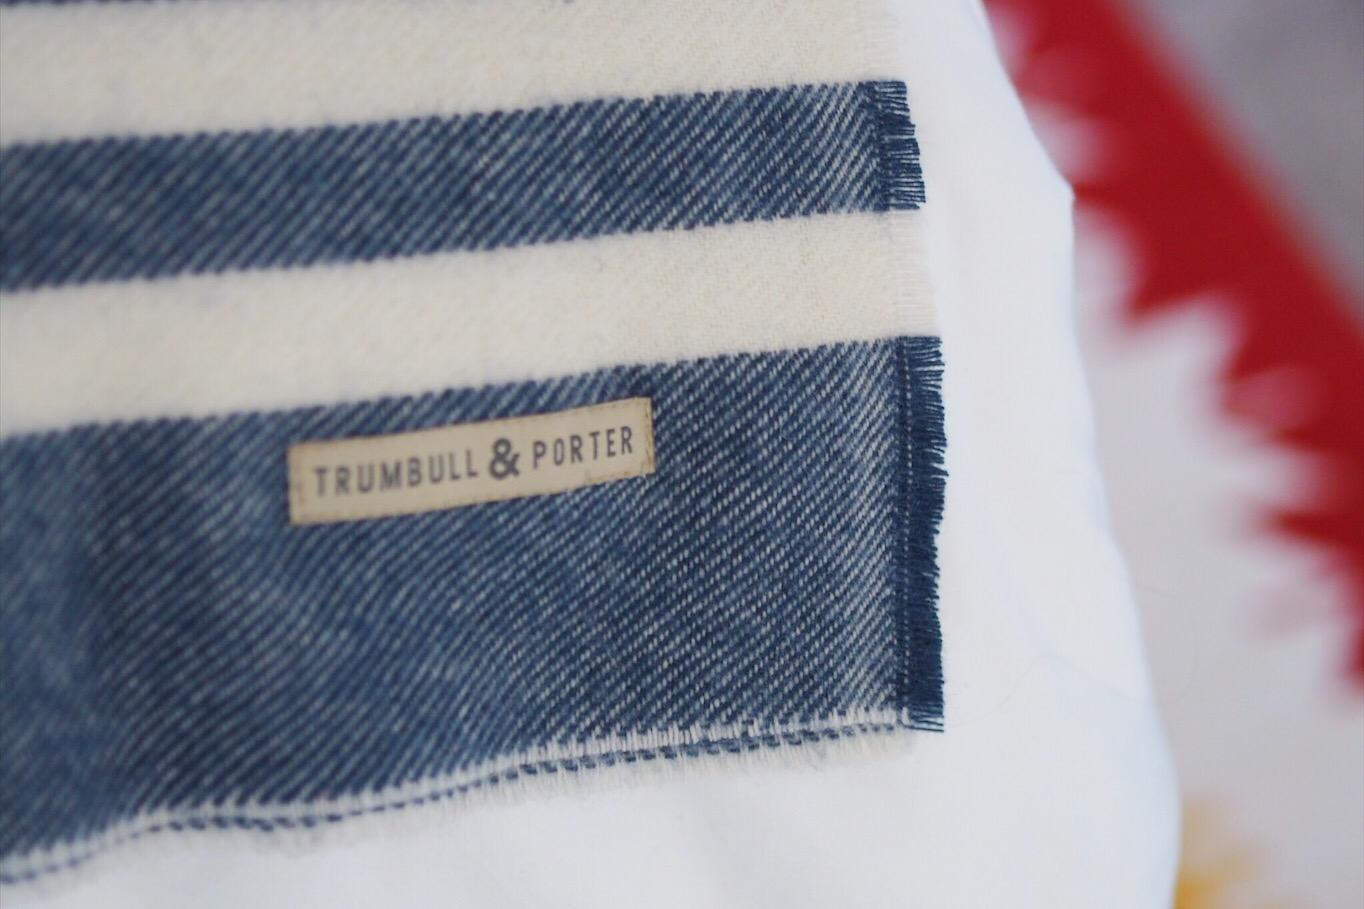 Trumbull & Porter